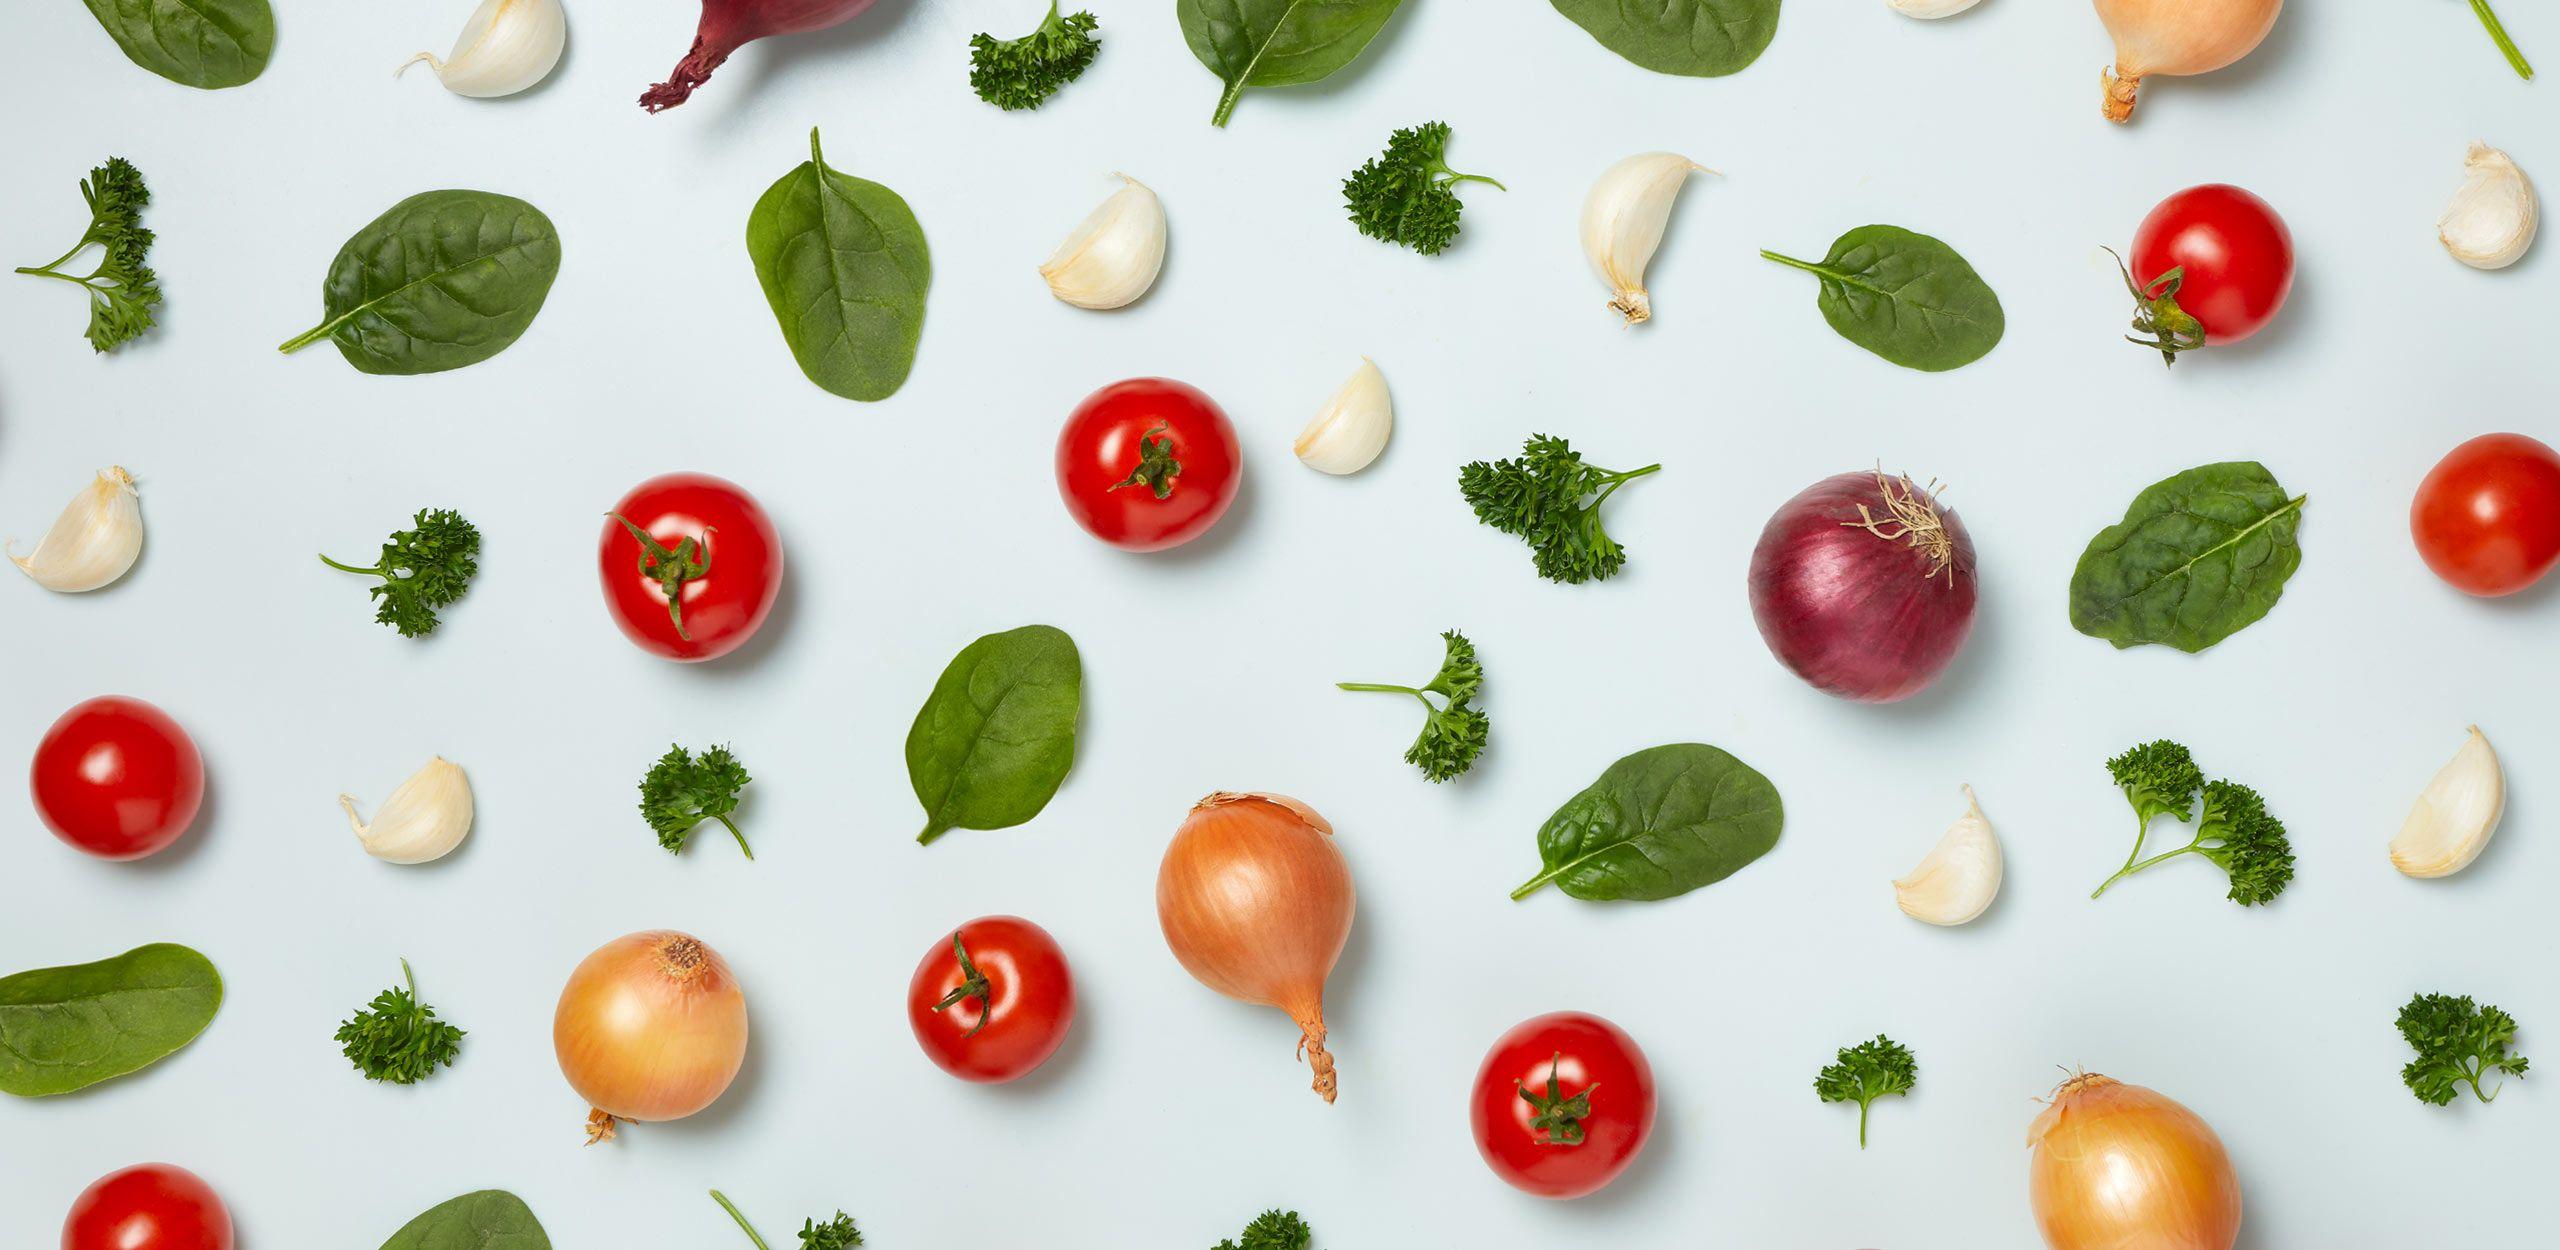 Jouis Nour bio food